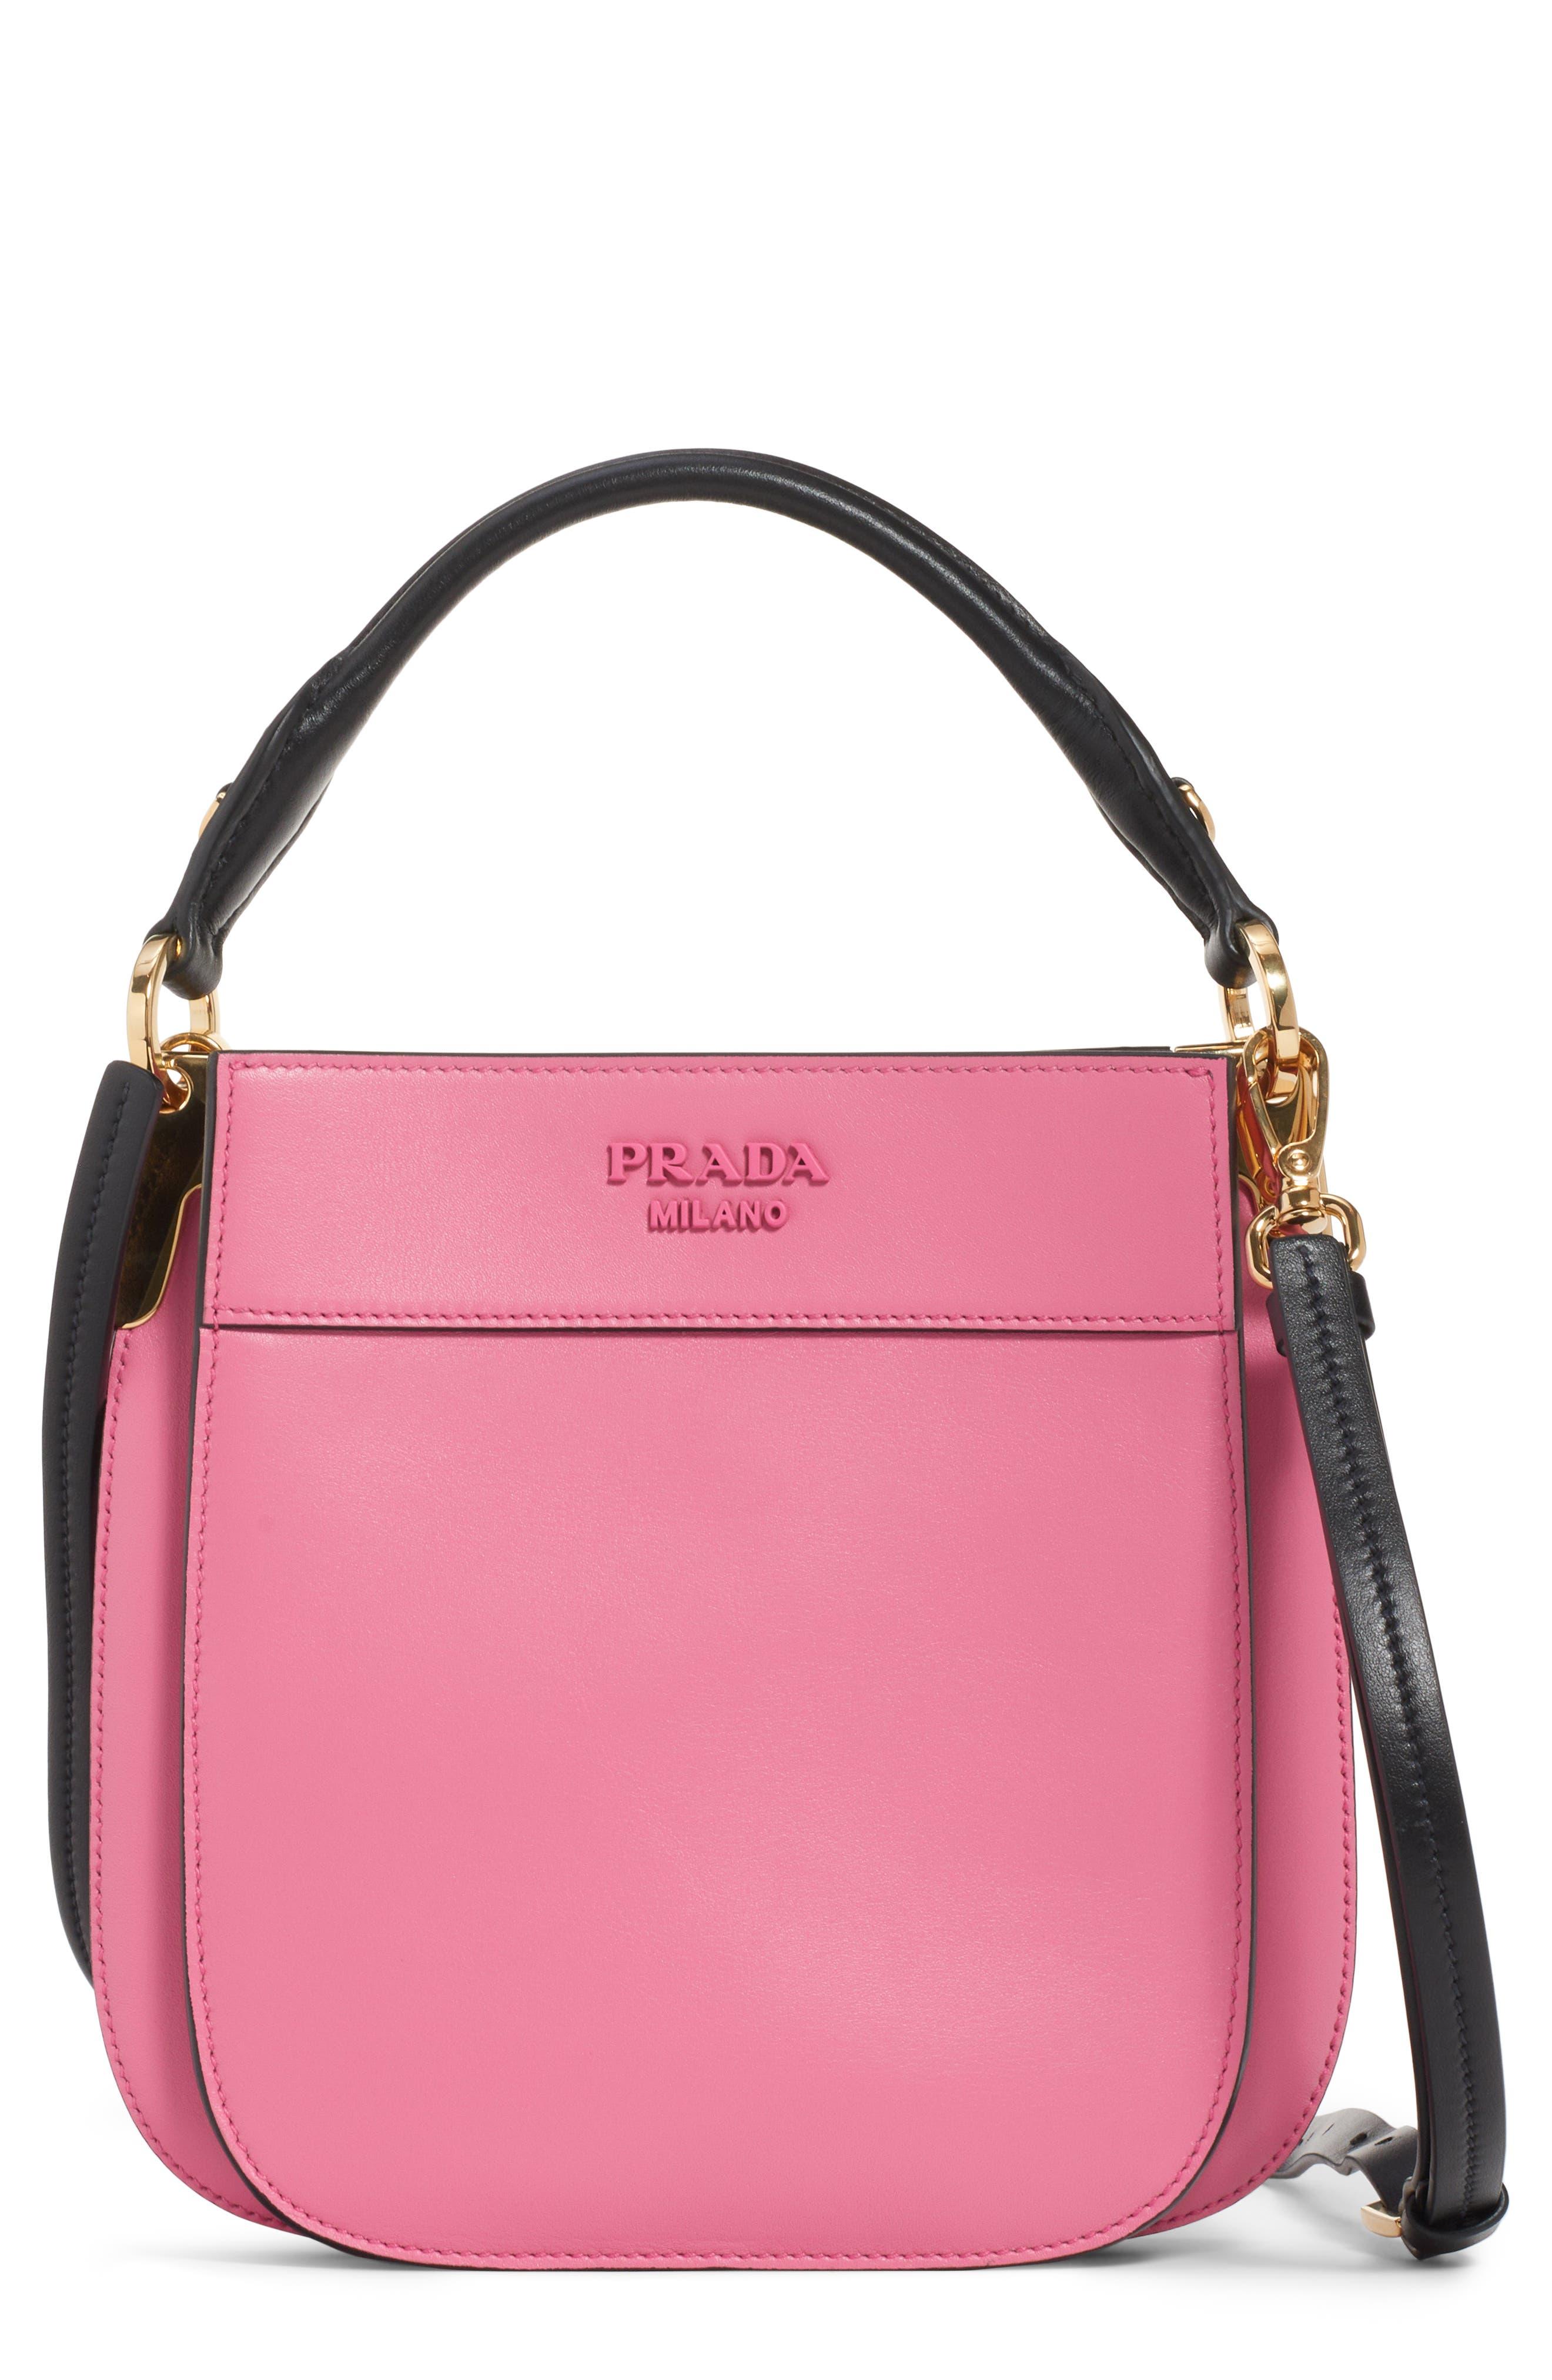 PRADA, Large Margit Shoulder Bag, Main thumbnail 1, color, BEGONIA/ NERO